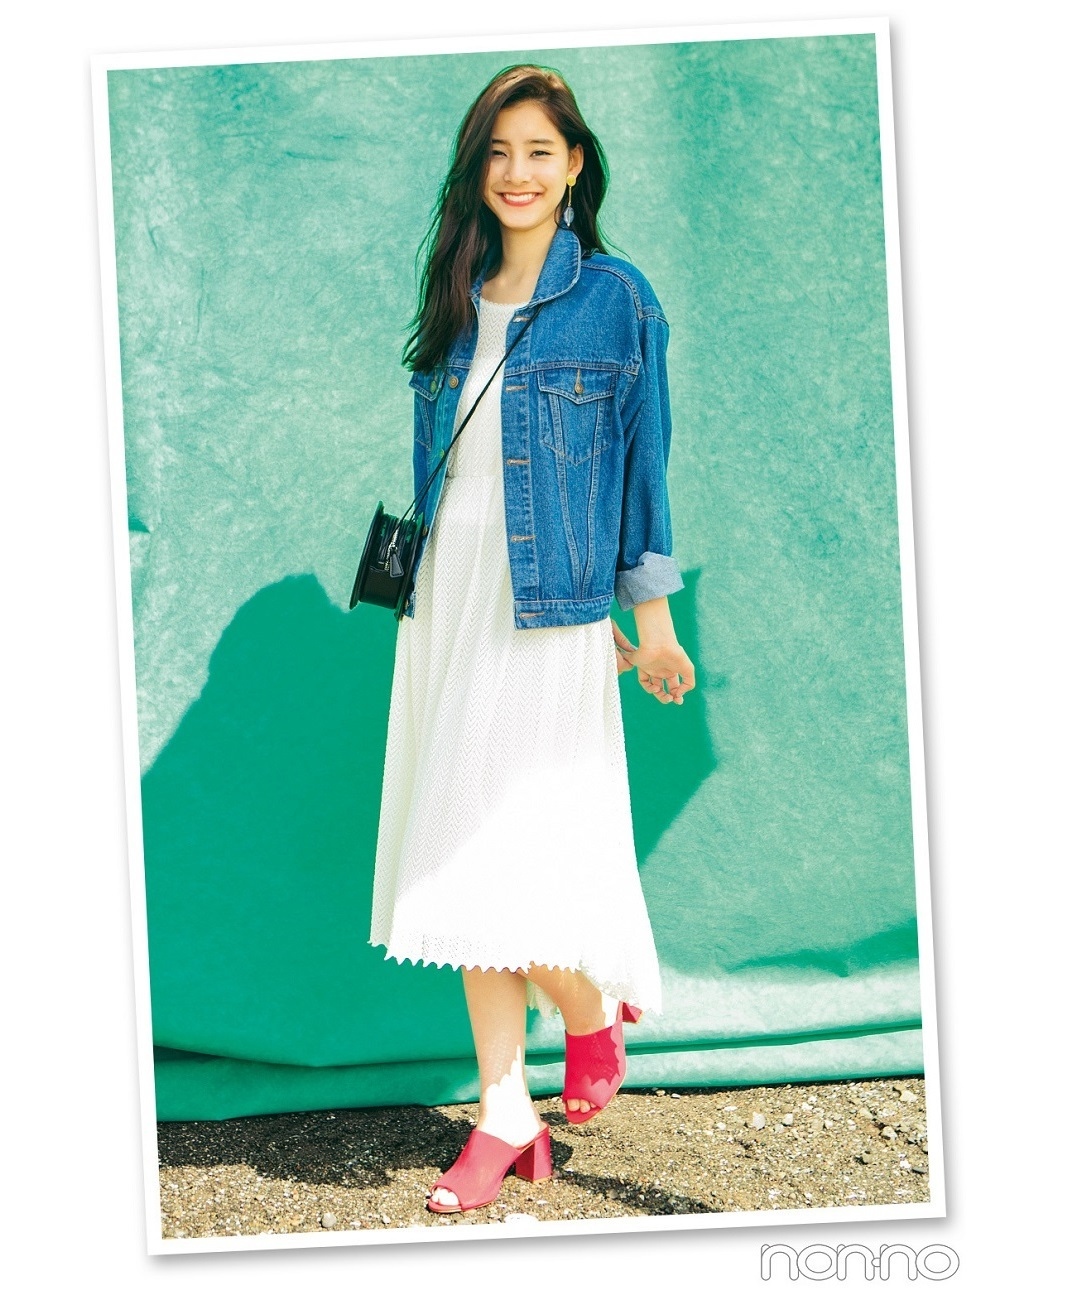 【夏のワンピースコーデ】新木優子は、好バランス白レースワンピでカジュアルミックスコーデ!